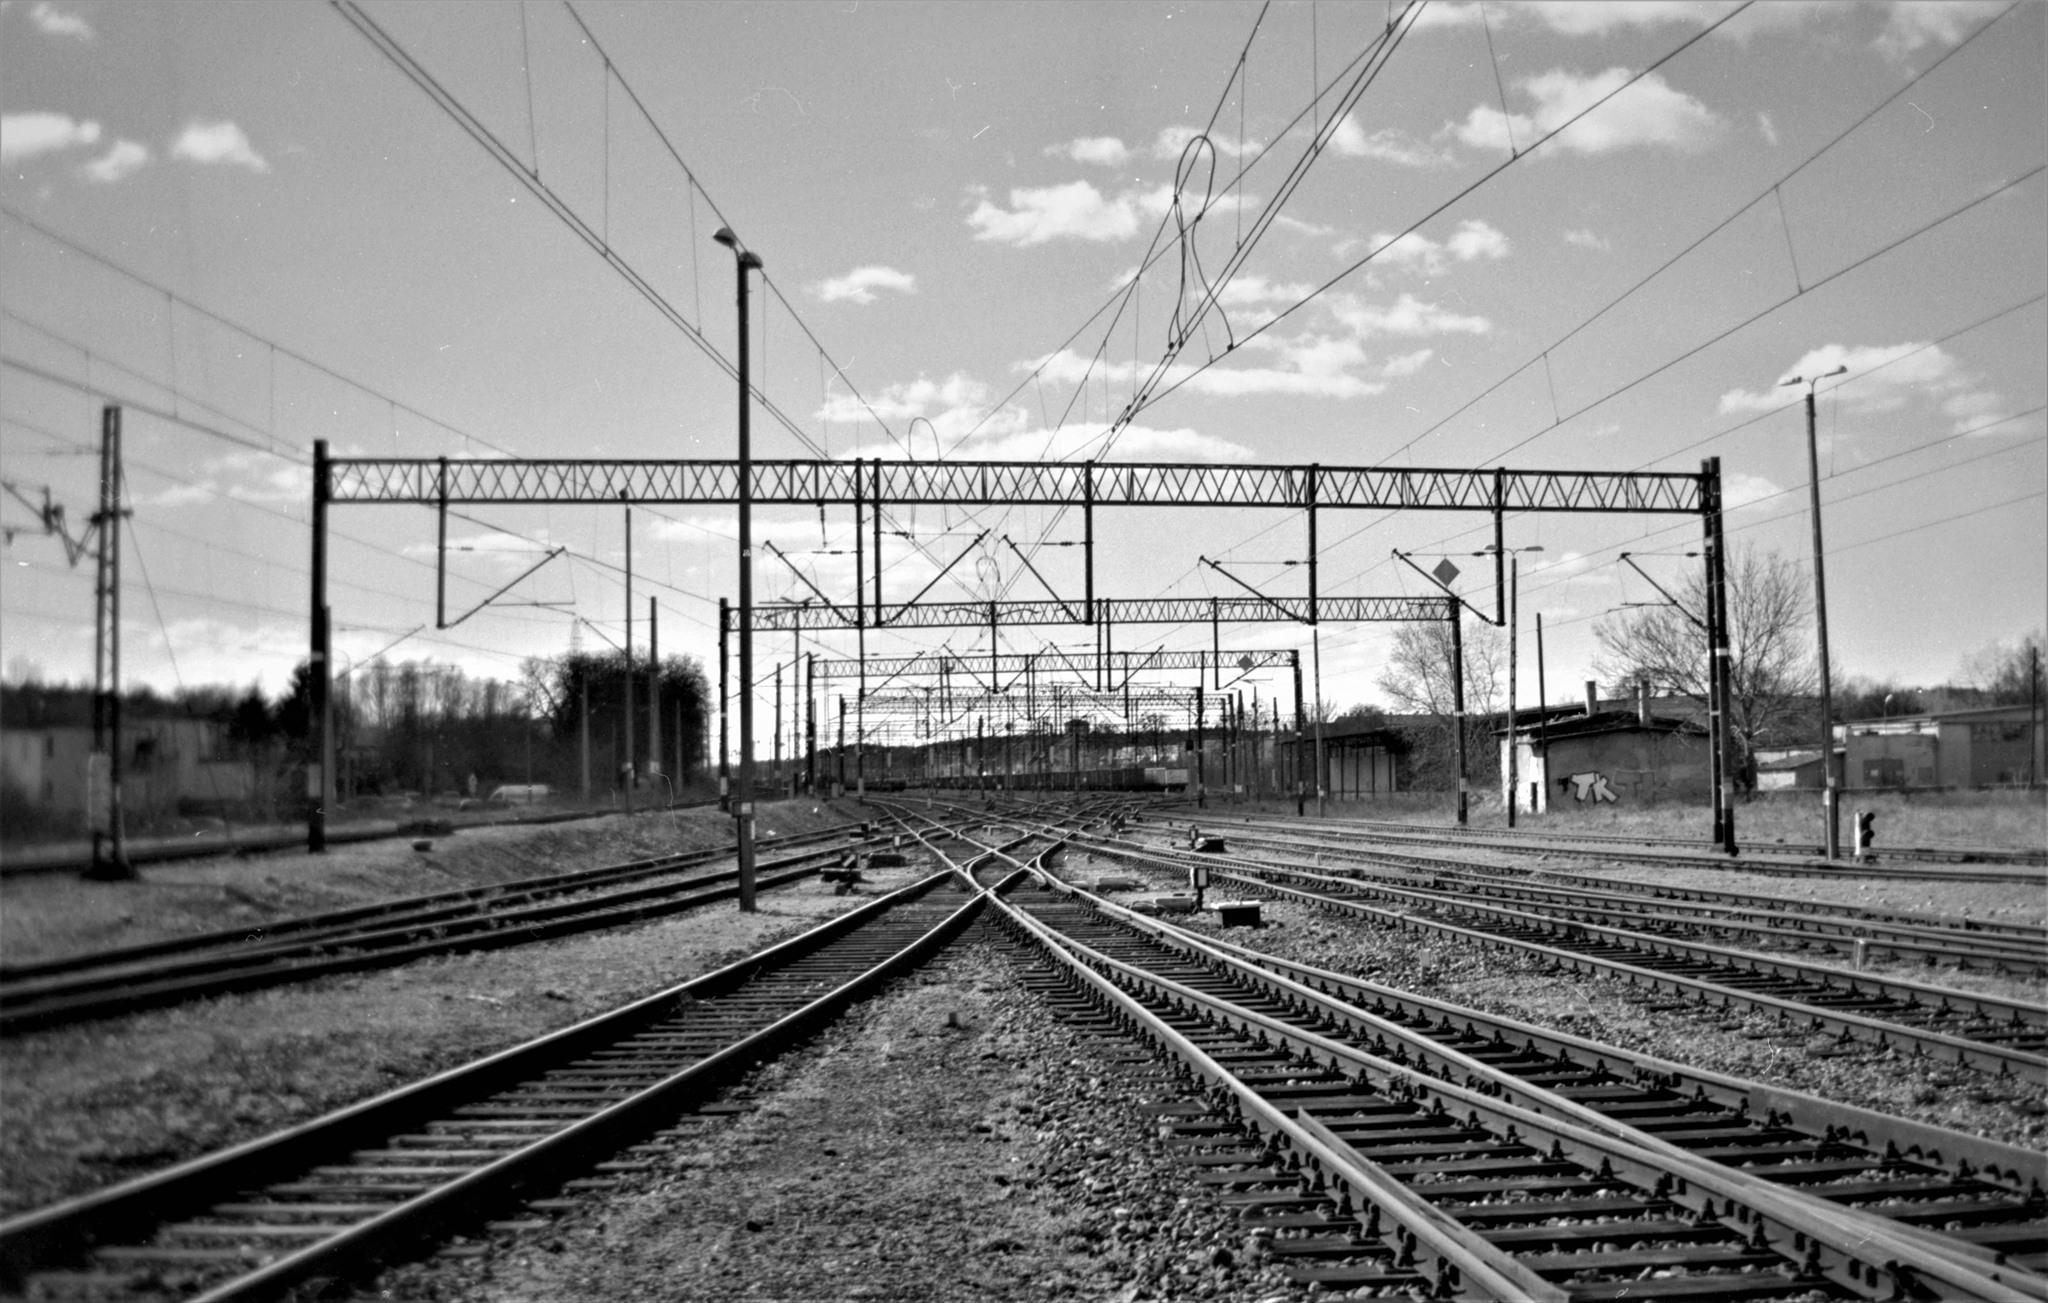 Stacja Piła Główna. Fot. Damian Sidorski